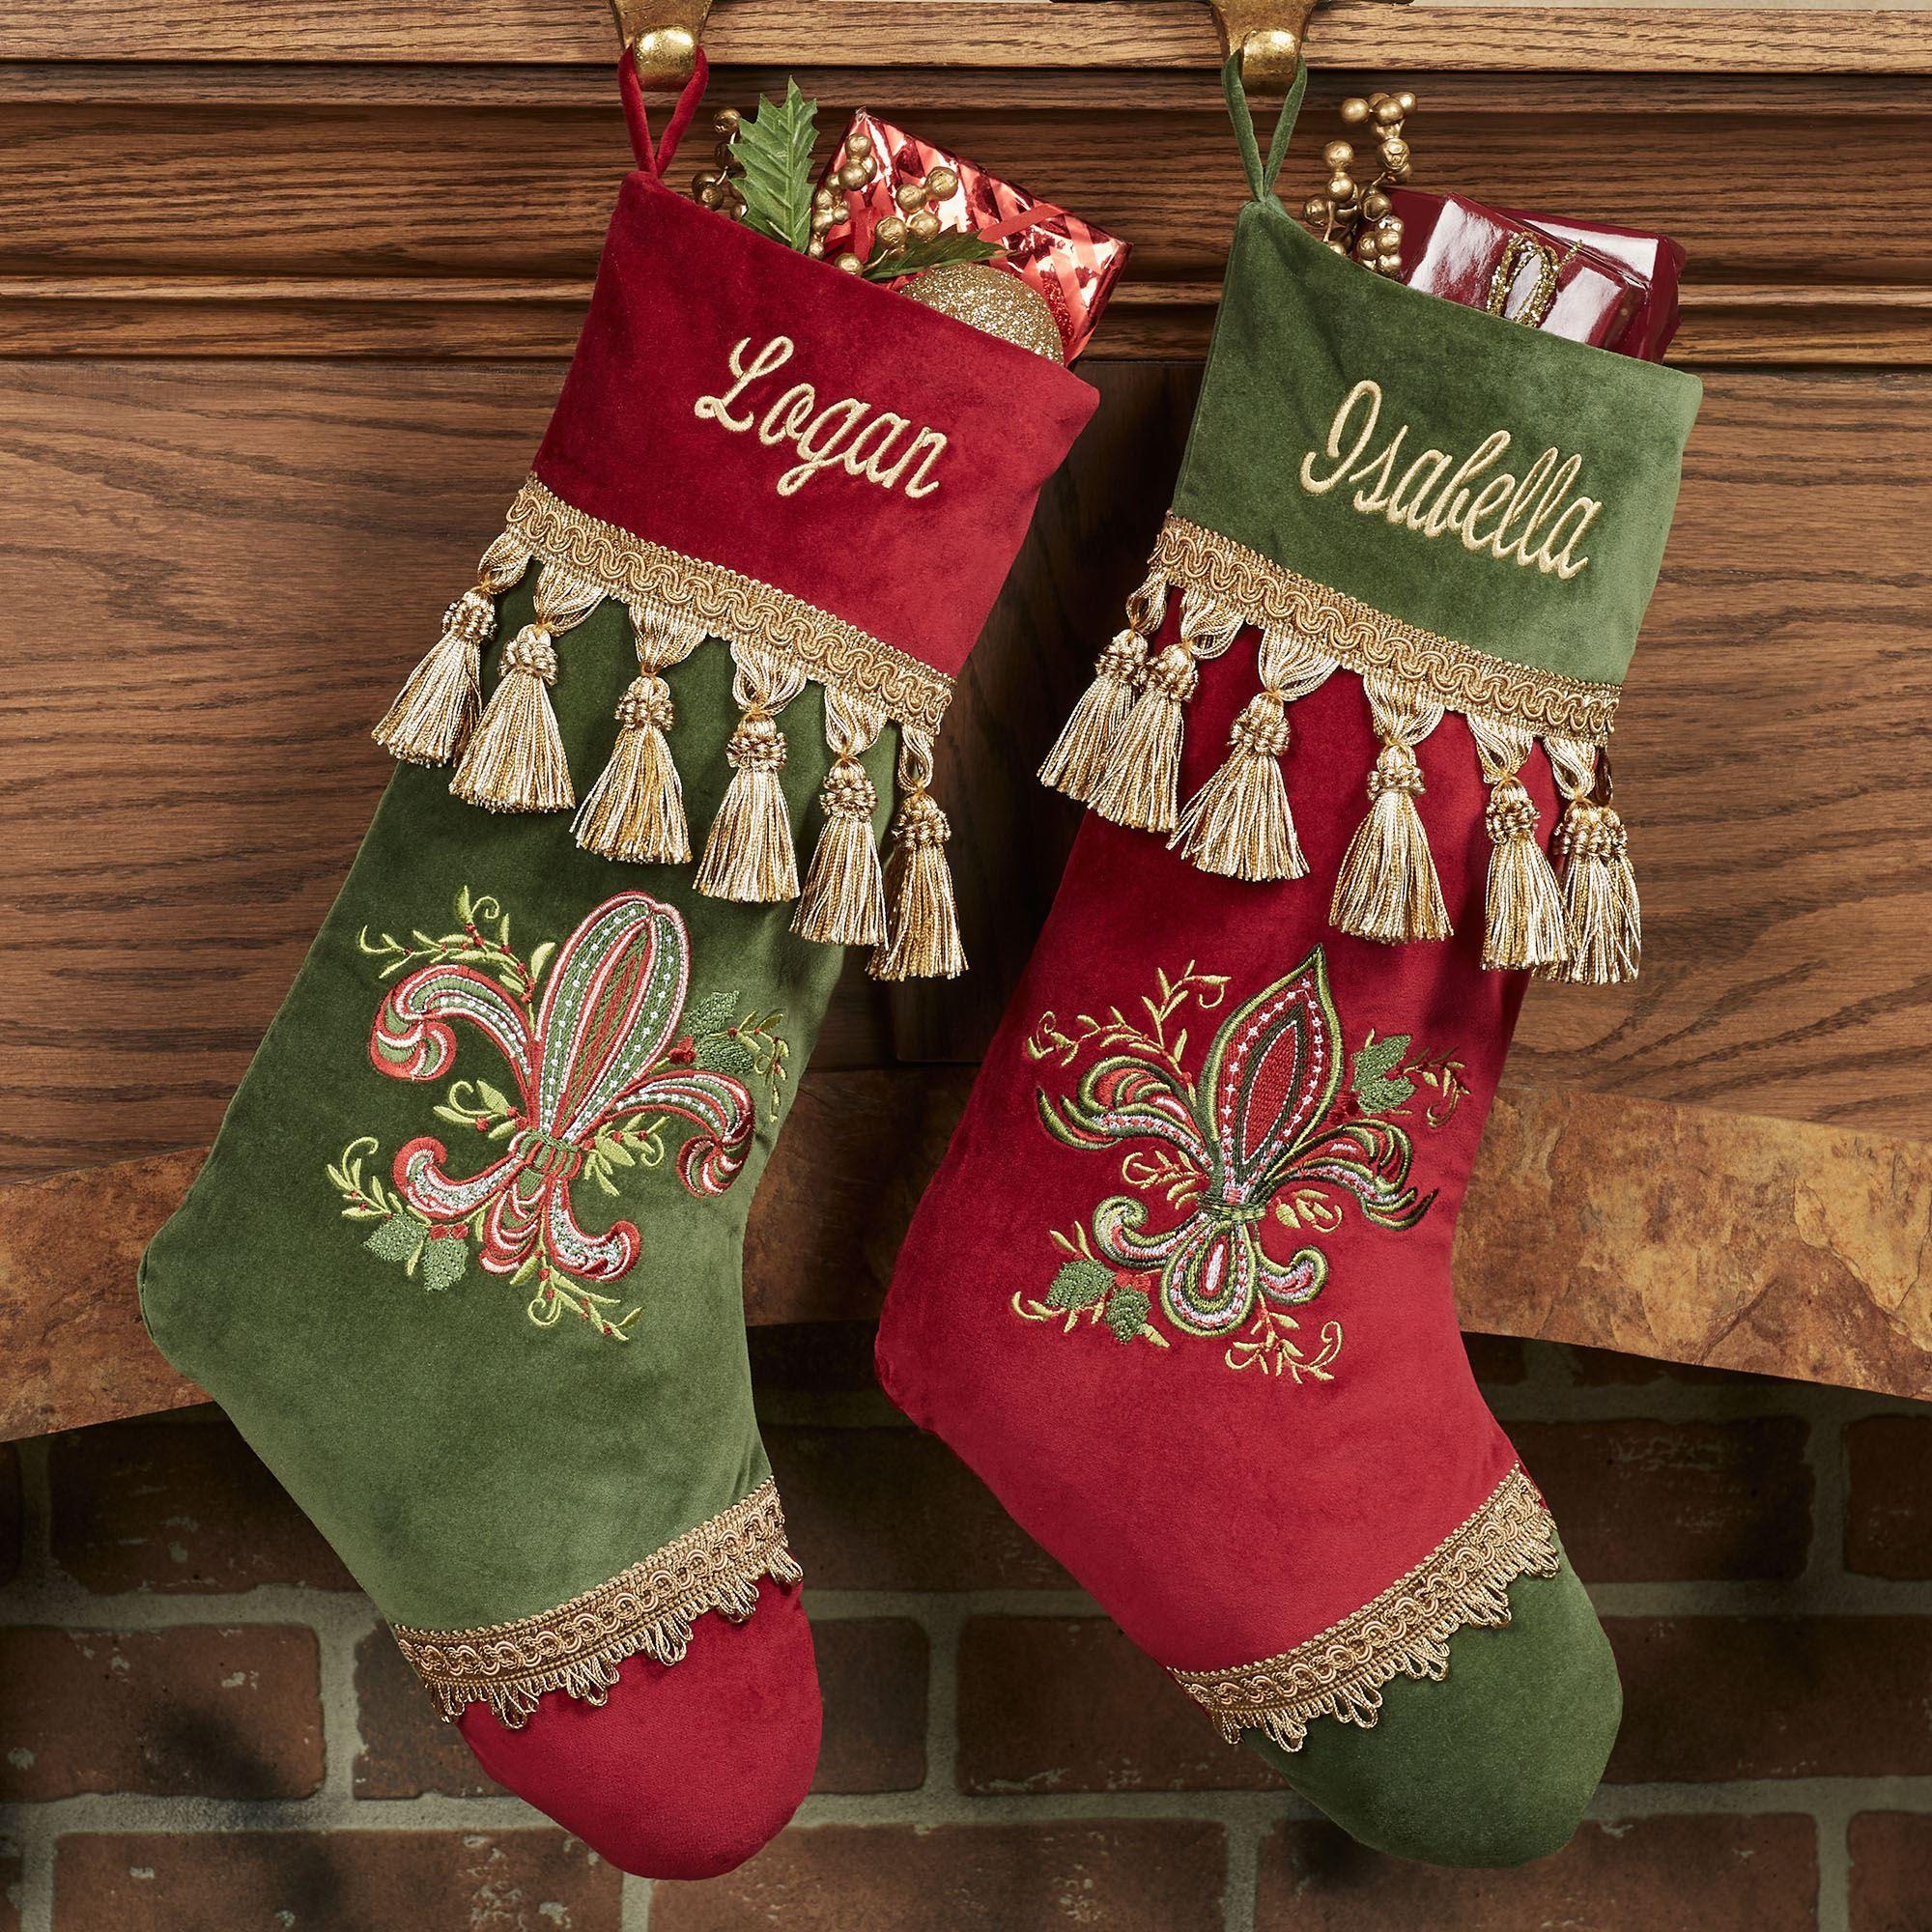 Red Velvet Christmas Stockings.Fleur De Lis Embroidered Cotton Velvet Christmas Stockings